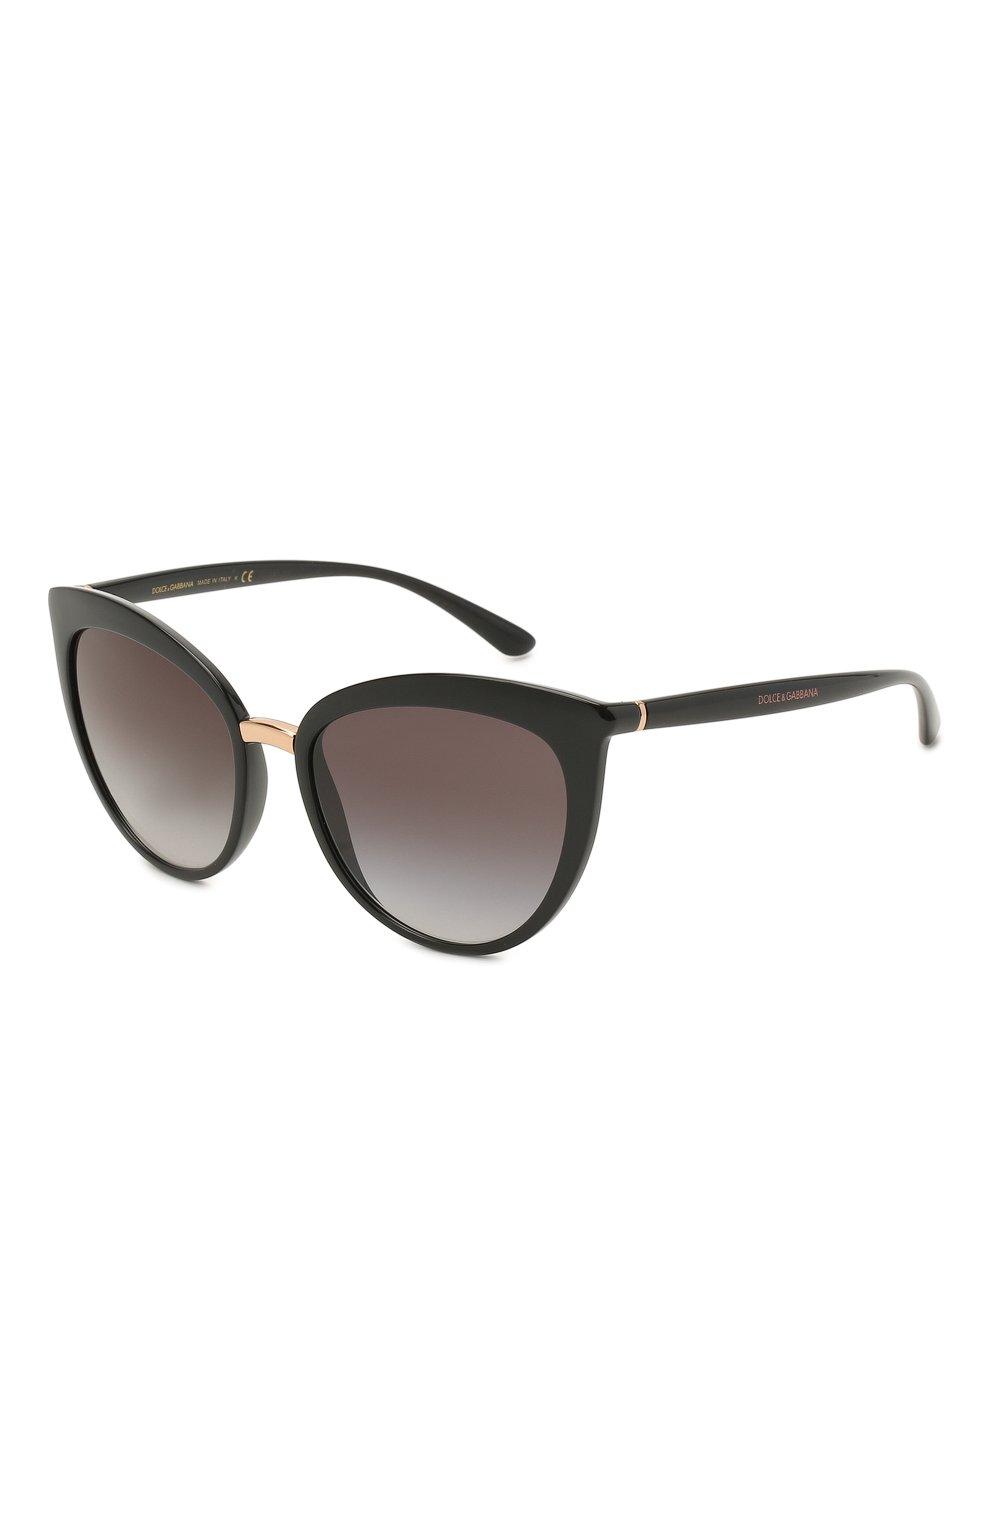 Женские солнцезащитные очки DOLCE & GABBANA черного цвета, арт. 6113-501/8G   Фото 1